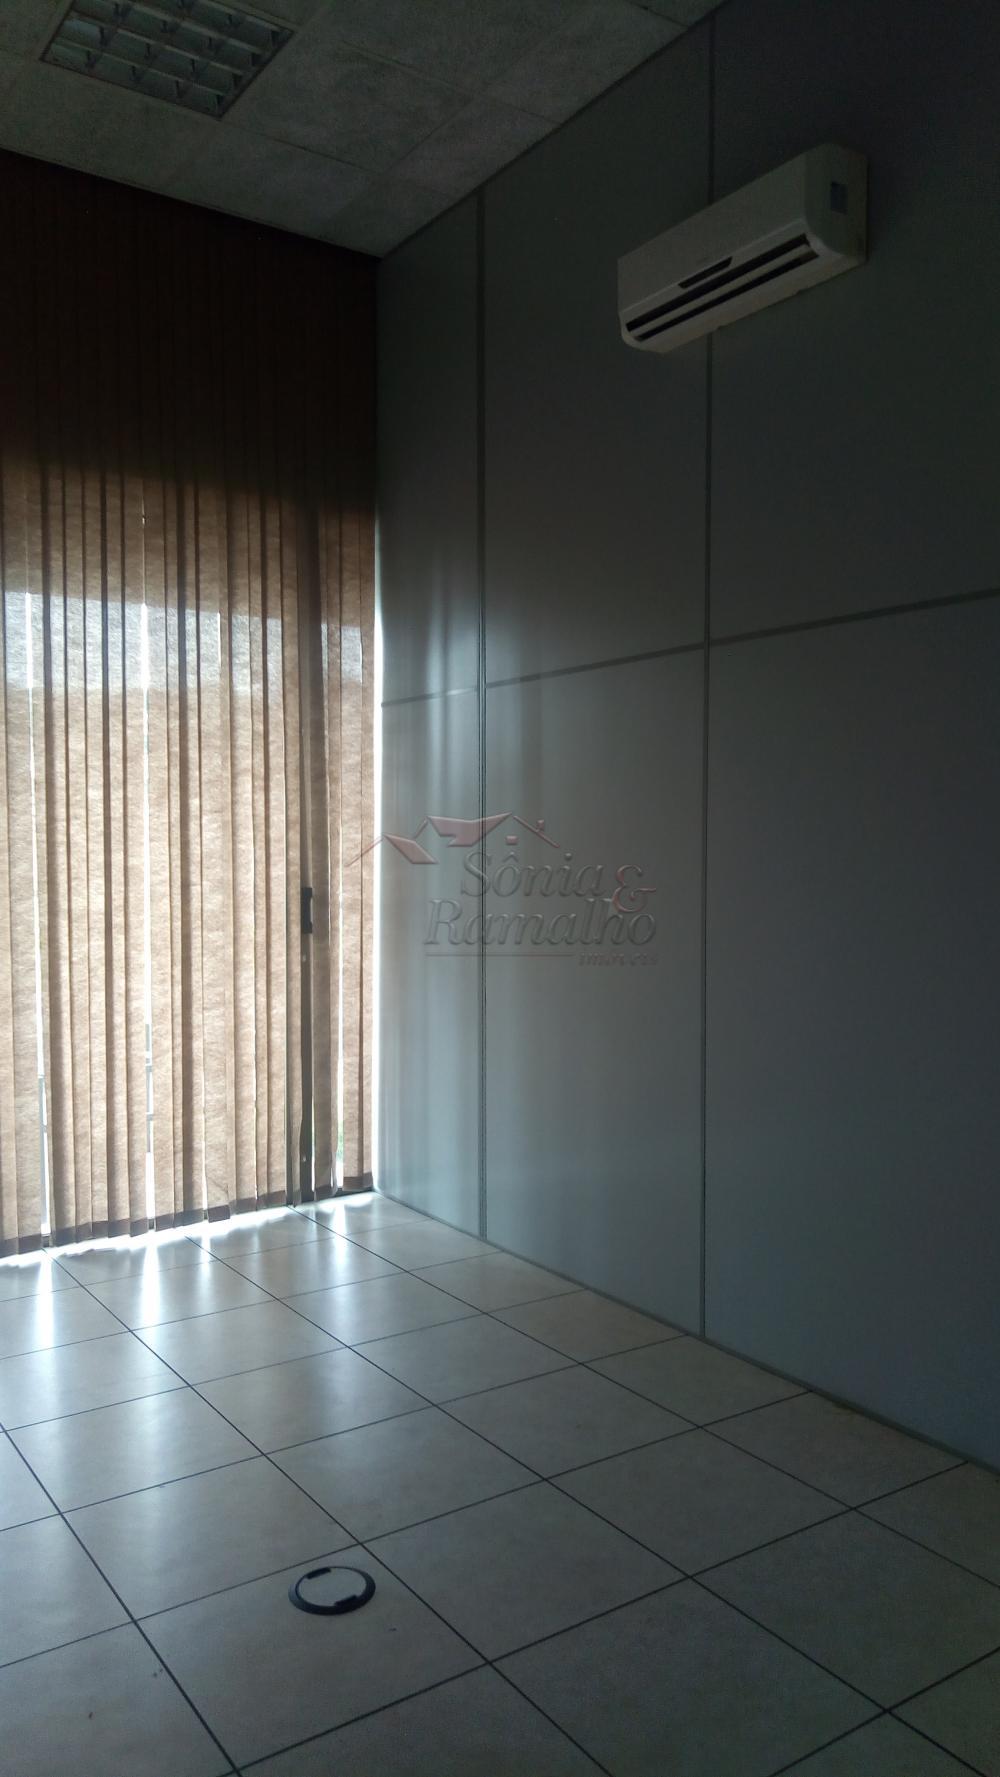 Alugar Comercial / Sala em Ribeirão Preto apenas R$ 45.000,00 - Foto 15